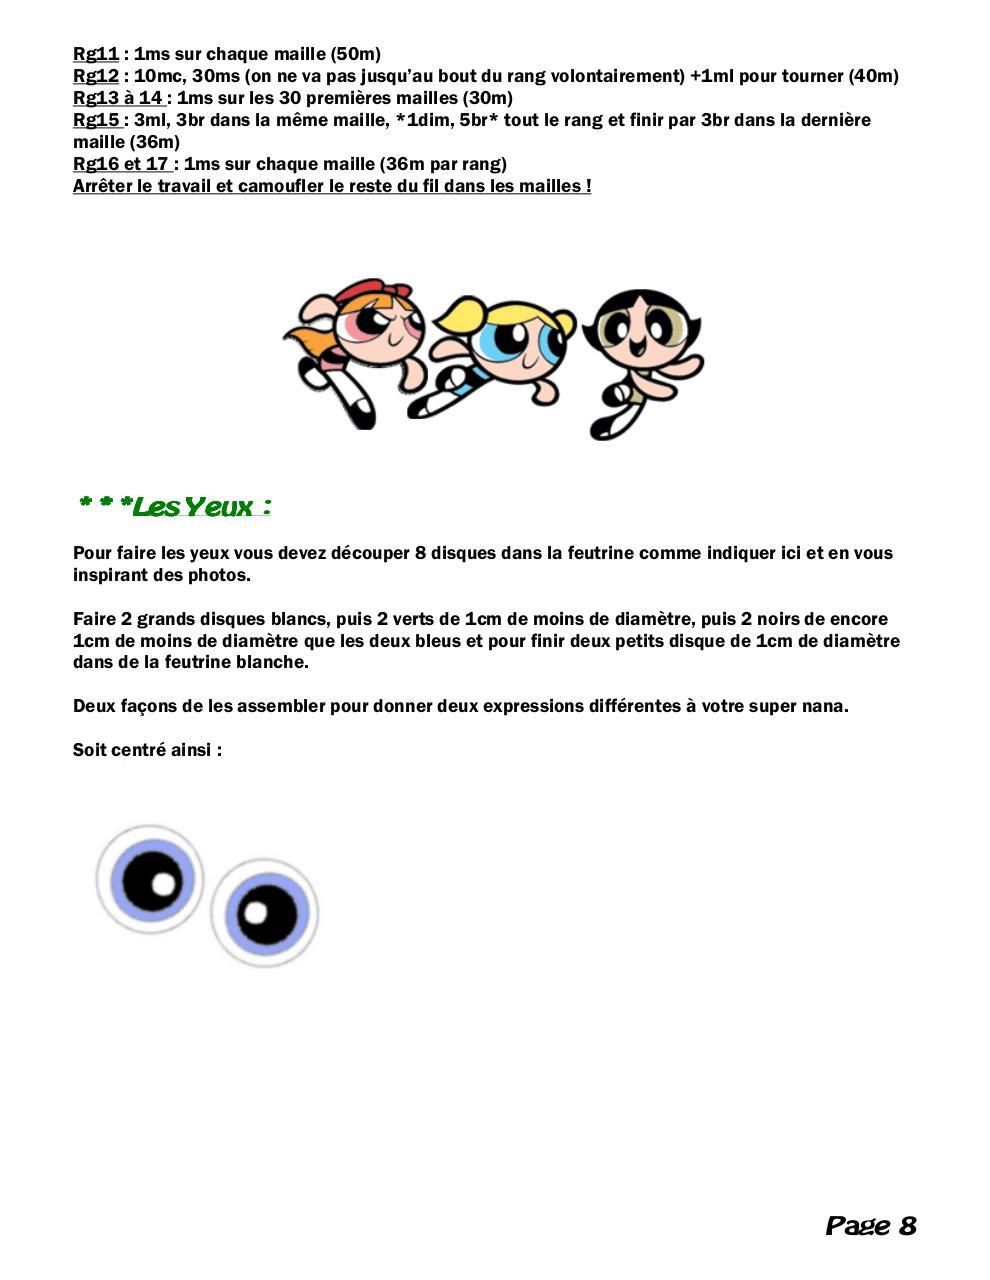 Aperçu super nana - rebelle - brune.pdf - Page 8/10